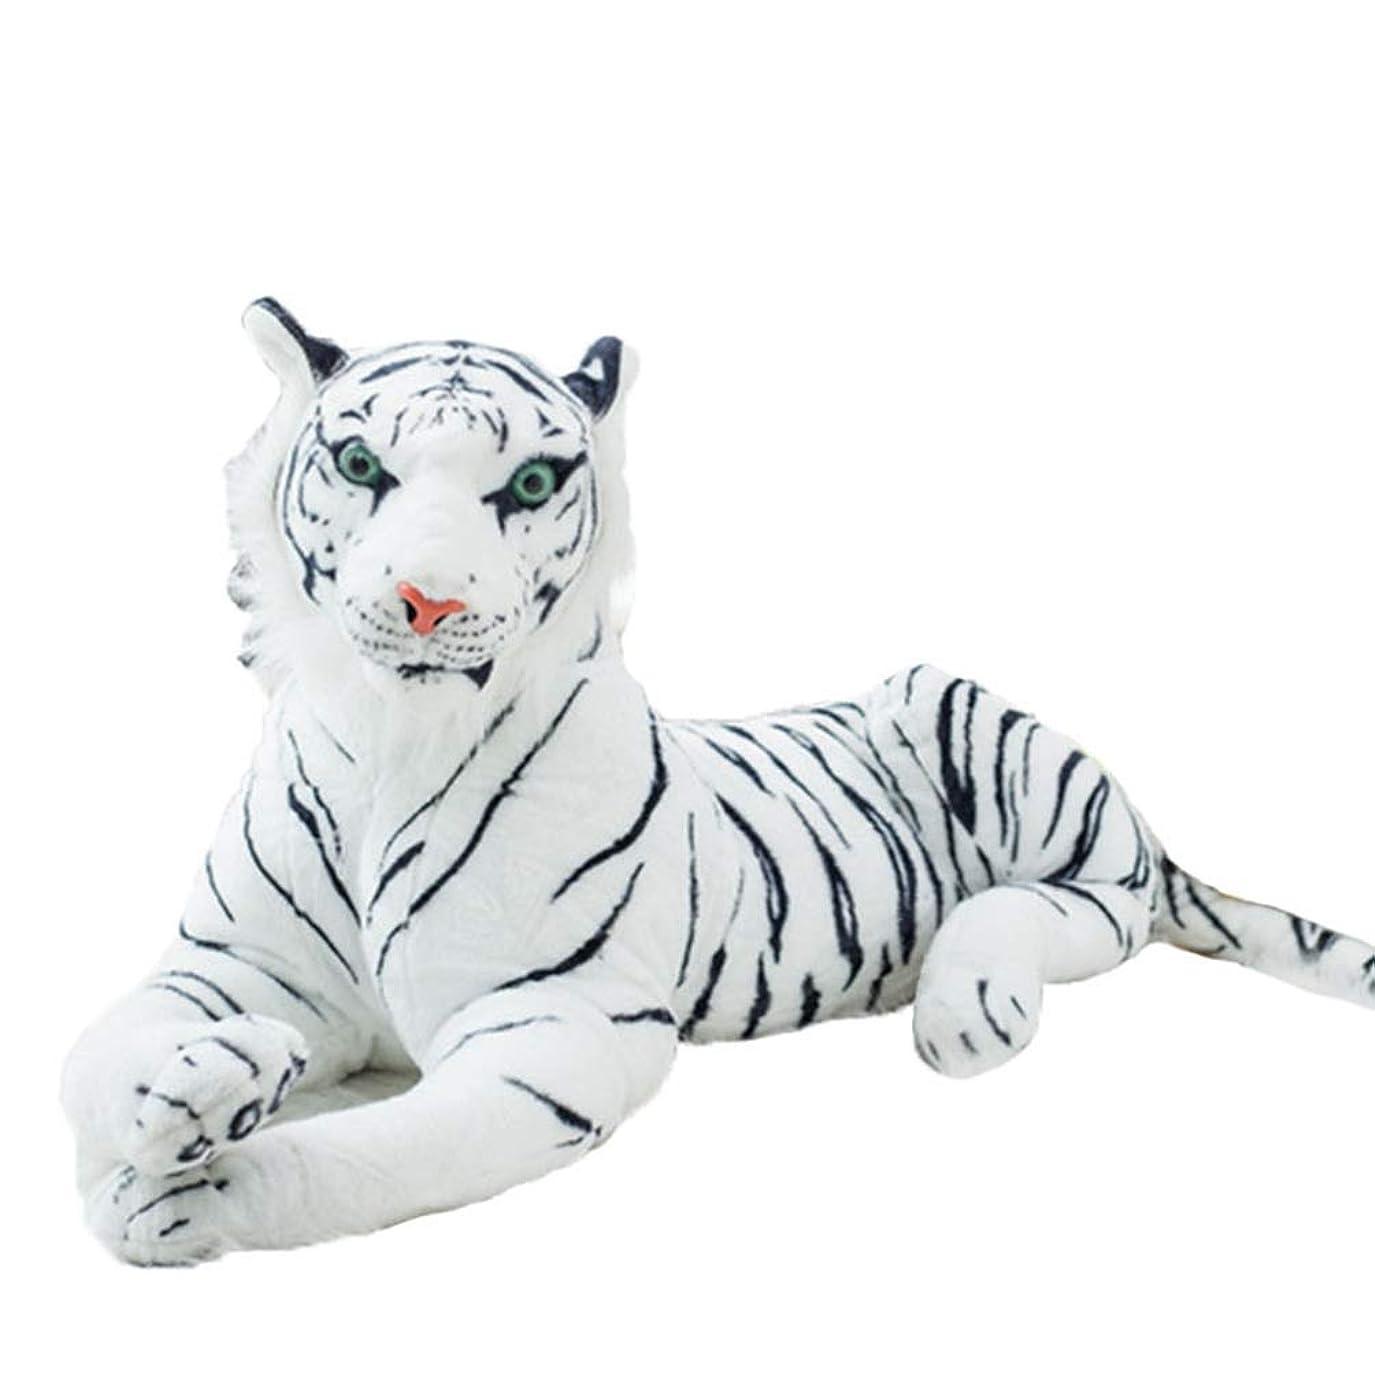 羊の誘惑するその結果タイガー ぬいぐるみ 動物 プレゼント 虎 リアル 縫いぐるみ トラ 抱き枕 大きい かわいい ふわふわ もちもち 洗える おもちゃ 赤ちゃん 女の子 子供 大人 人形 贈り物 お祝い 誕生日 店 120CM